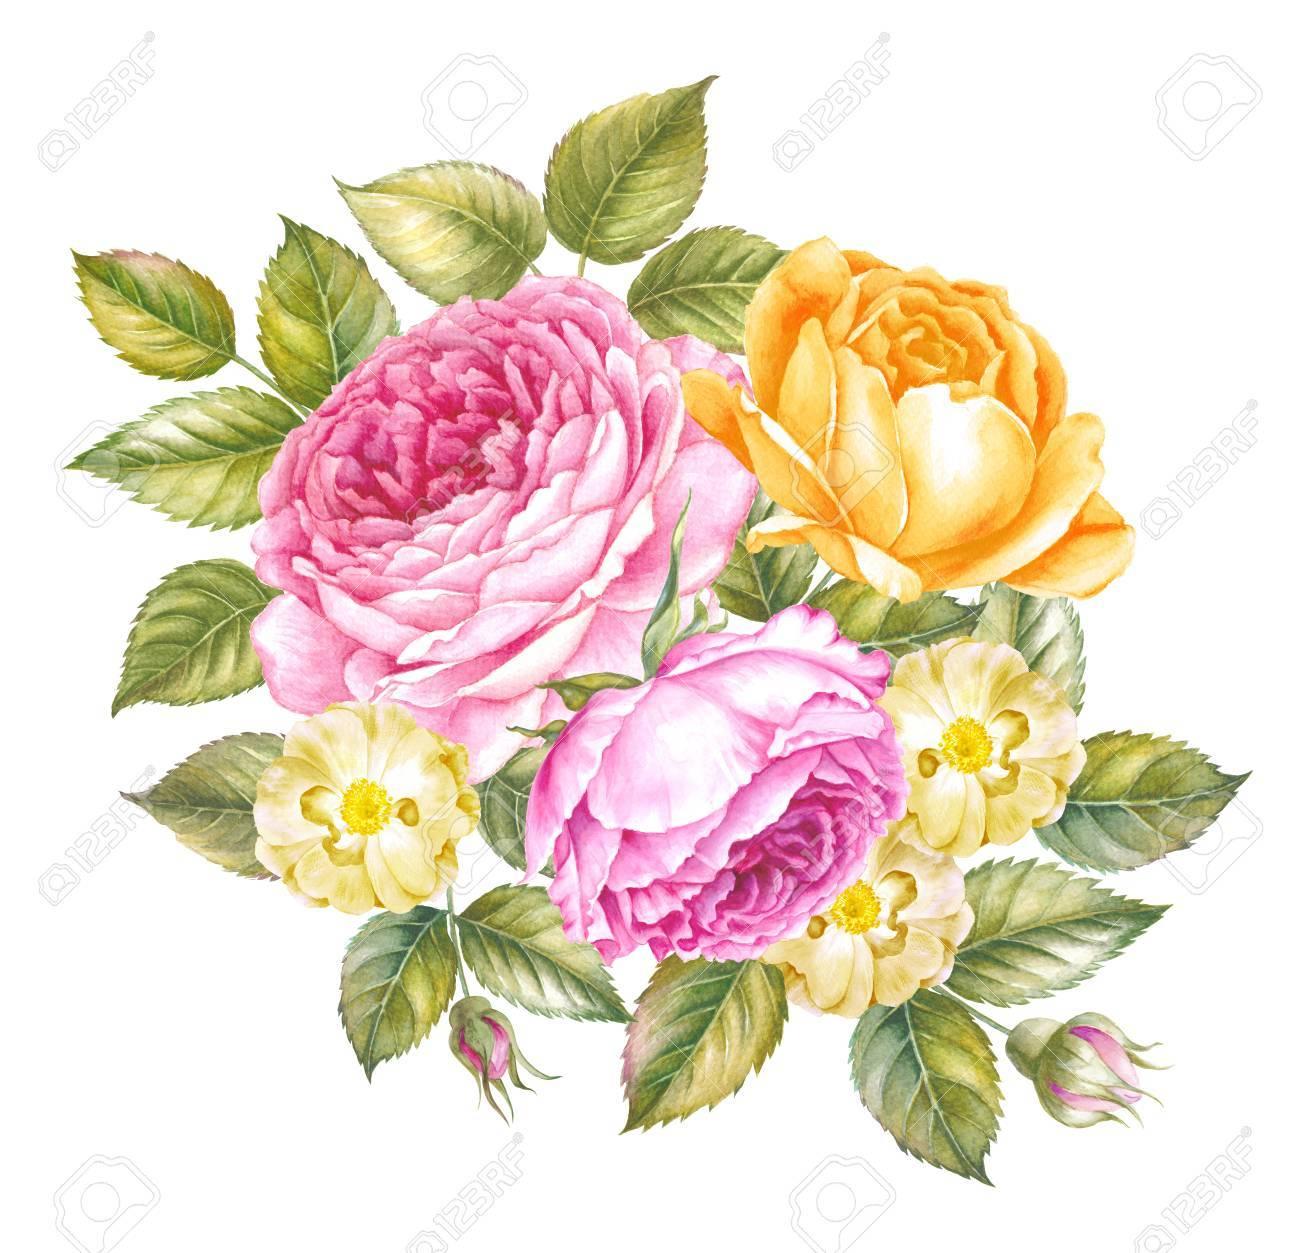 Blumenstrauß Aus Rosen. Botanische Illustration Des ... - Einladungskarten Hochzeit Rosen